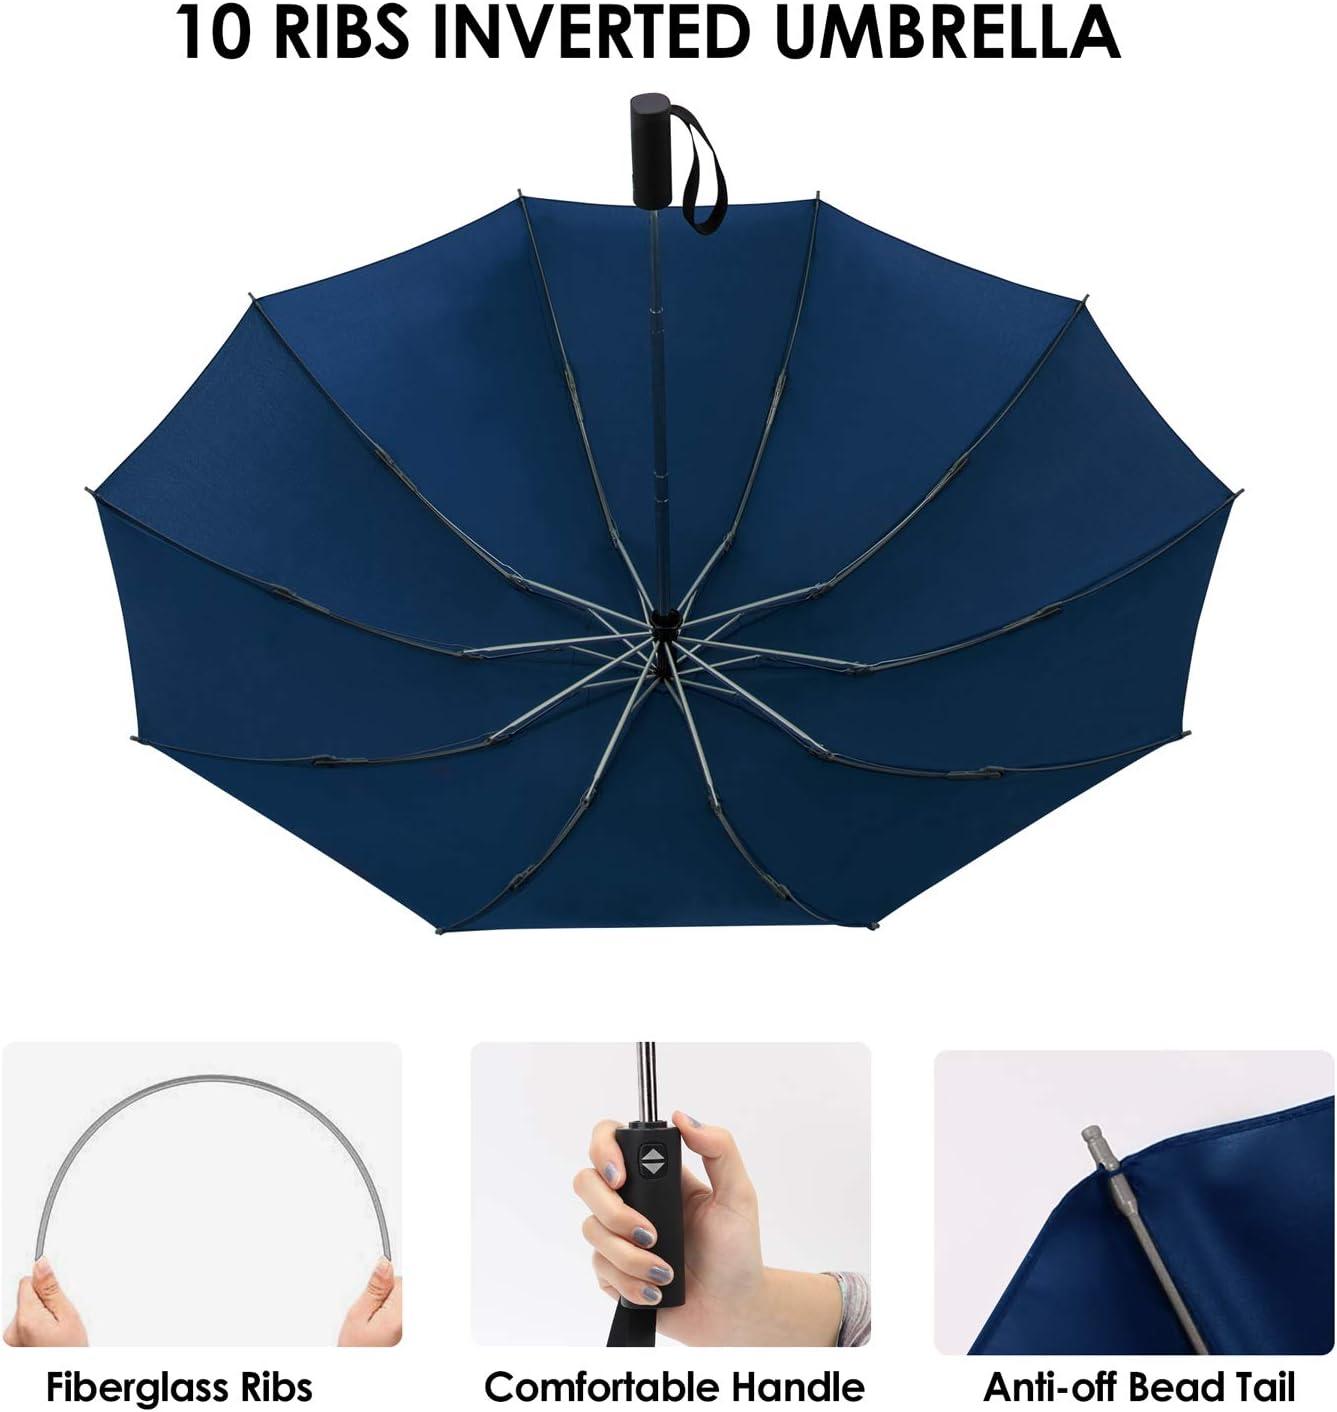 12 Baleines Parapluie de Voyage Coupe-Vent Jiguoor Parapluie Pliant Compact Pliable pour Homme et Femme,Bleu Marine Hydrofuge Parapluie de Voyage Ouverture et Fermeture Automatique,Imperm/éable